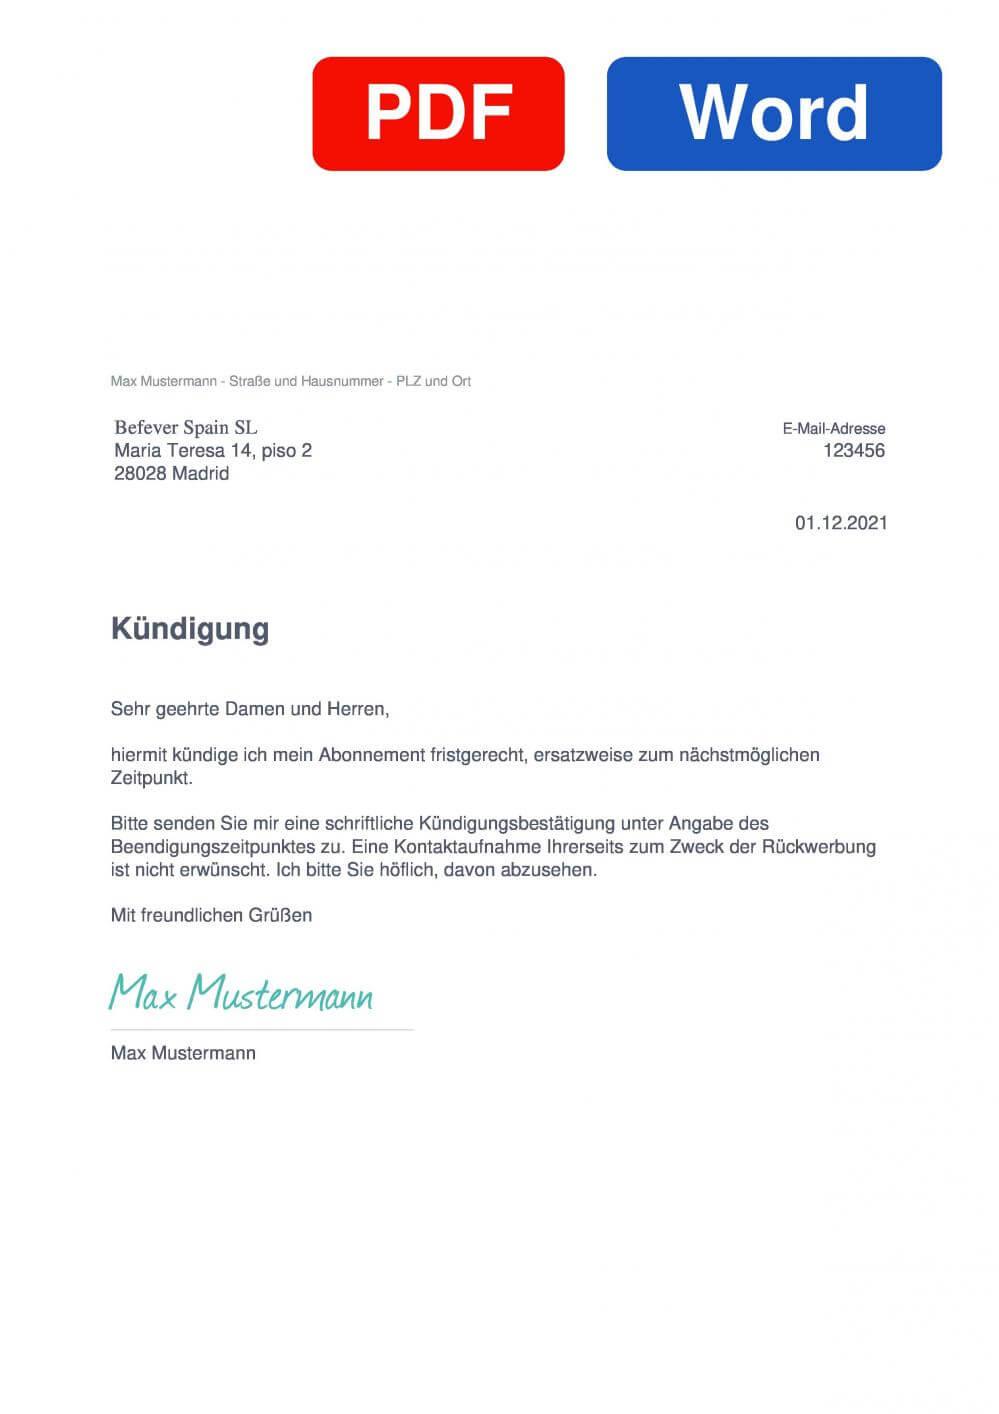 PfötchenBox Muster Vorlage für Kündigungsschreiben